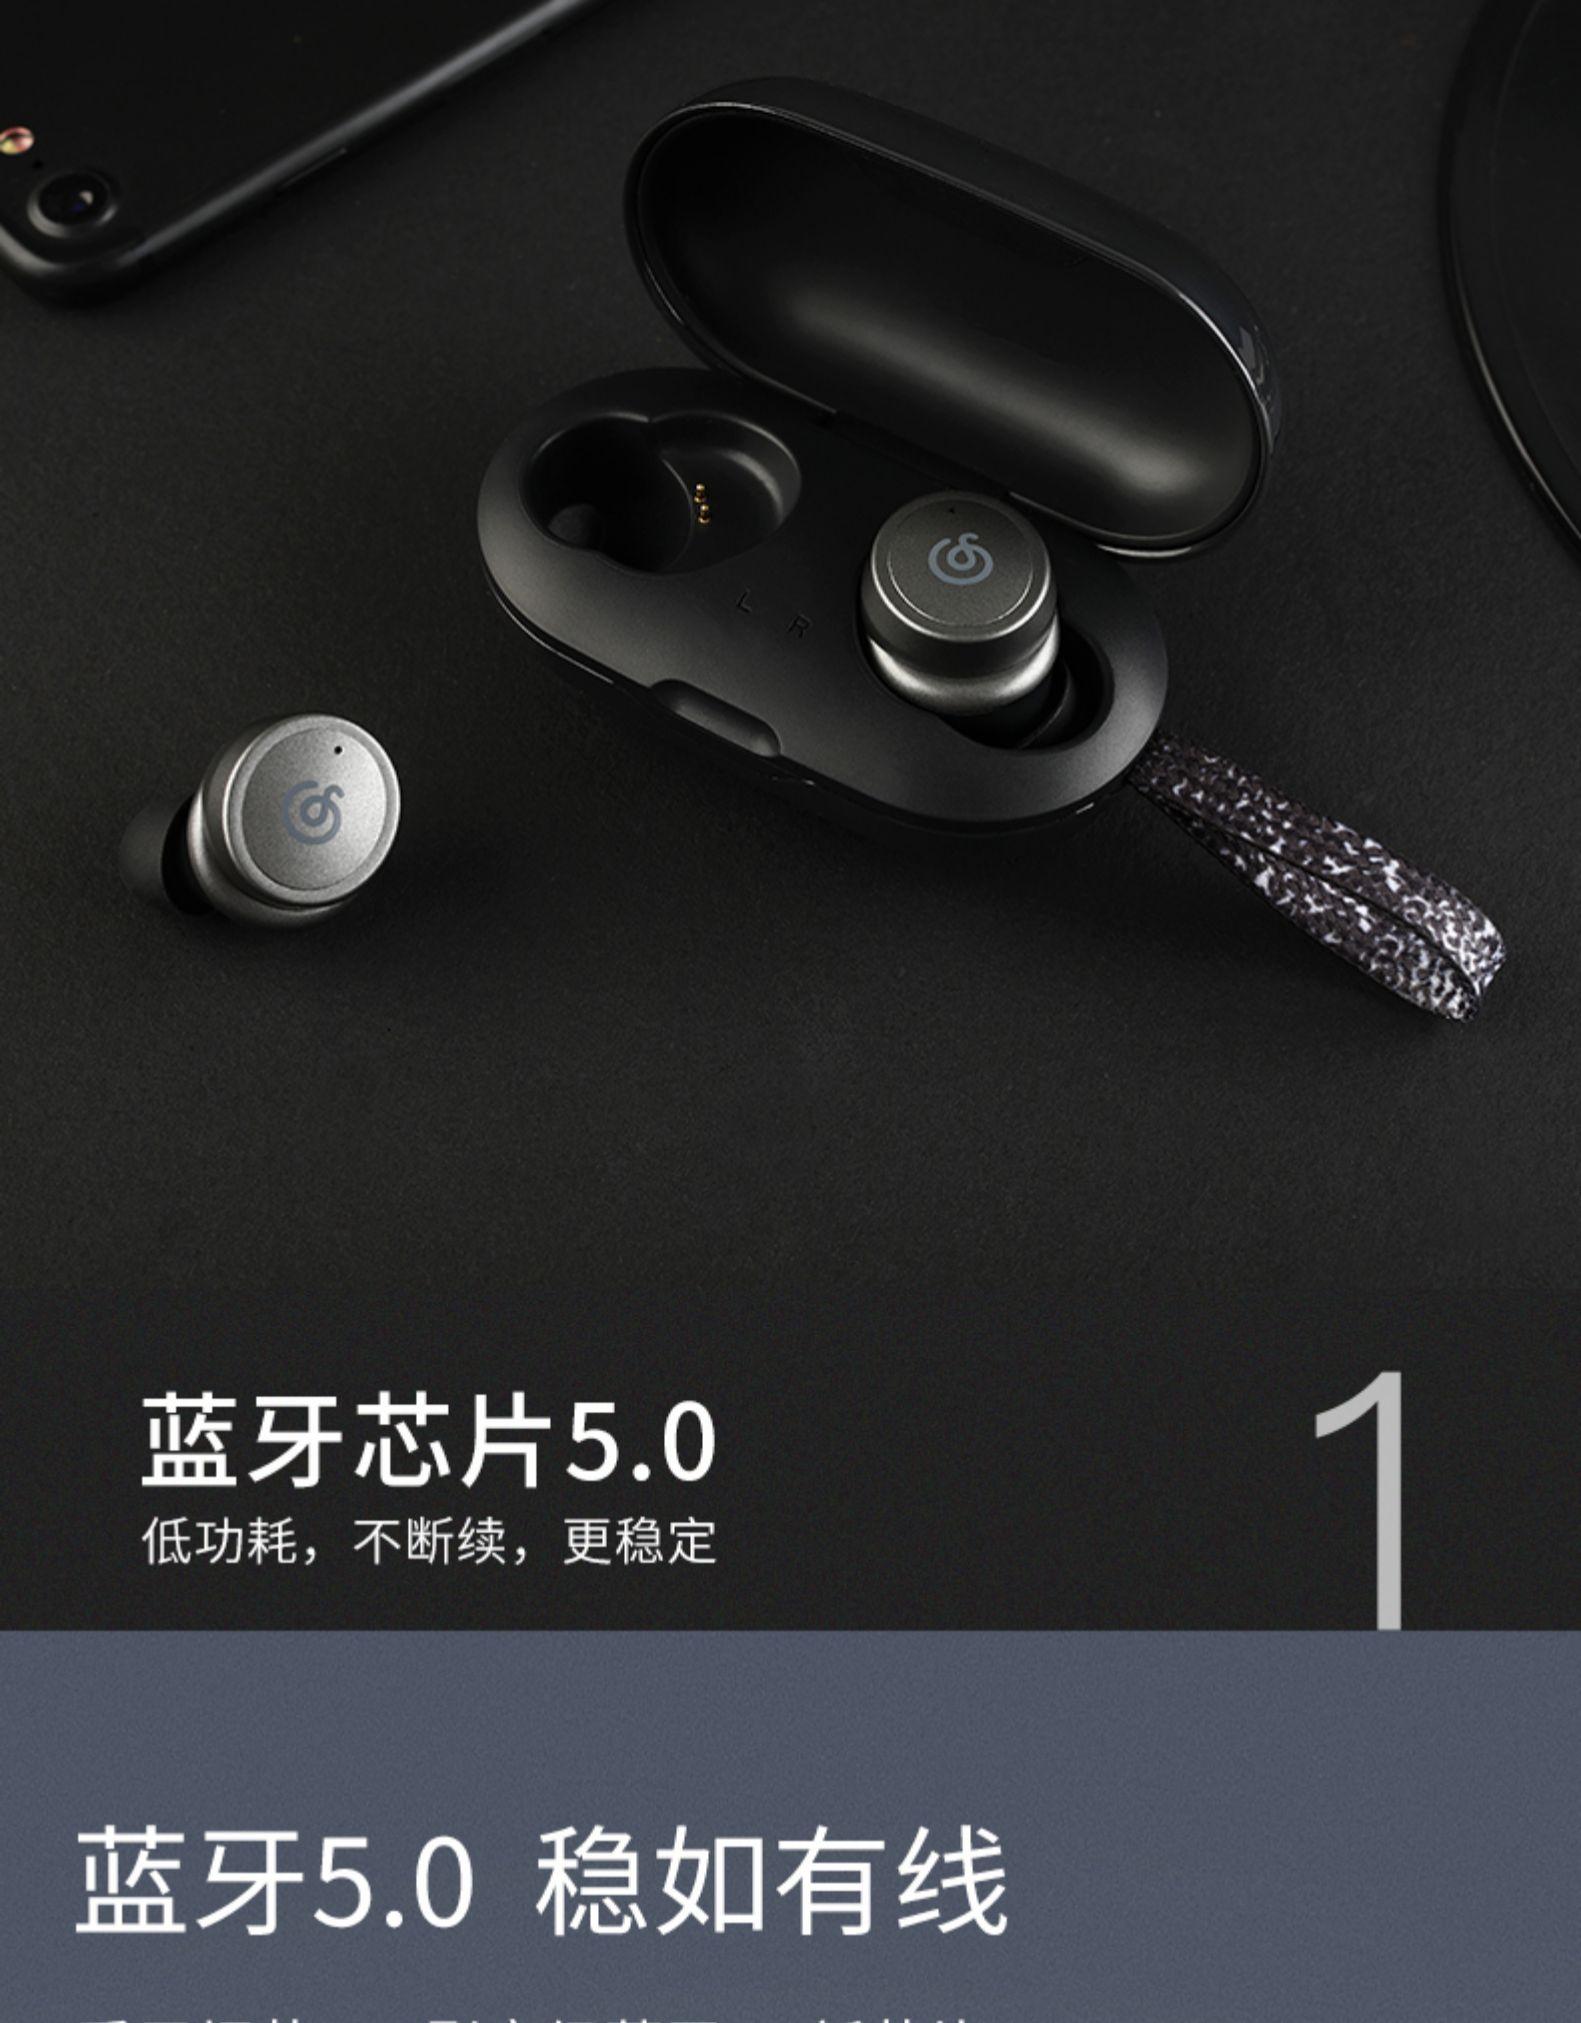 30天免费用:IPX5级防水,网易云音乐真无线耳机159元 第4张